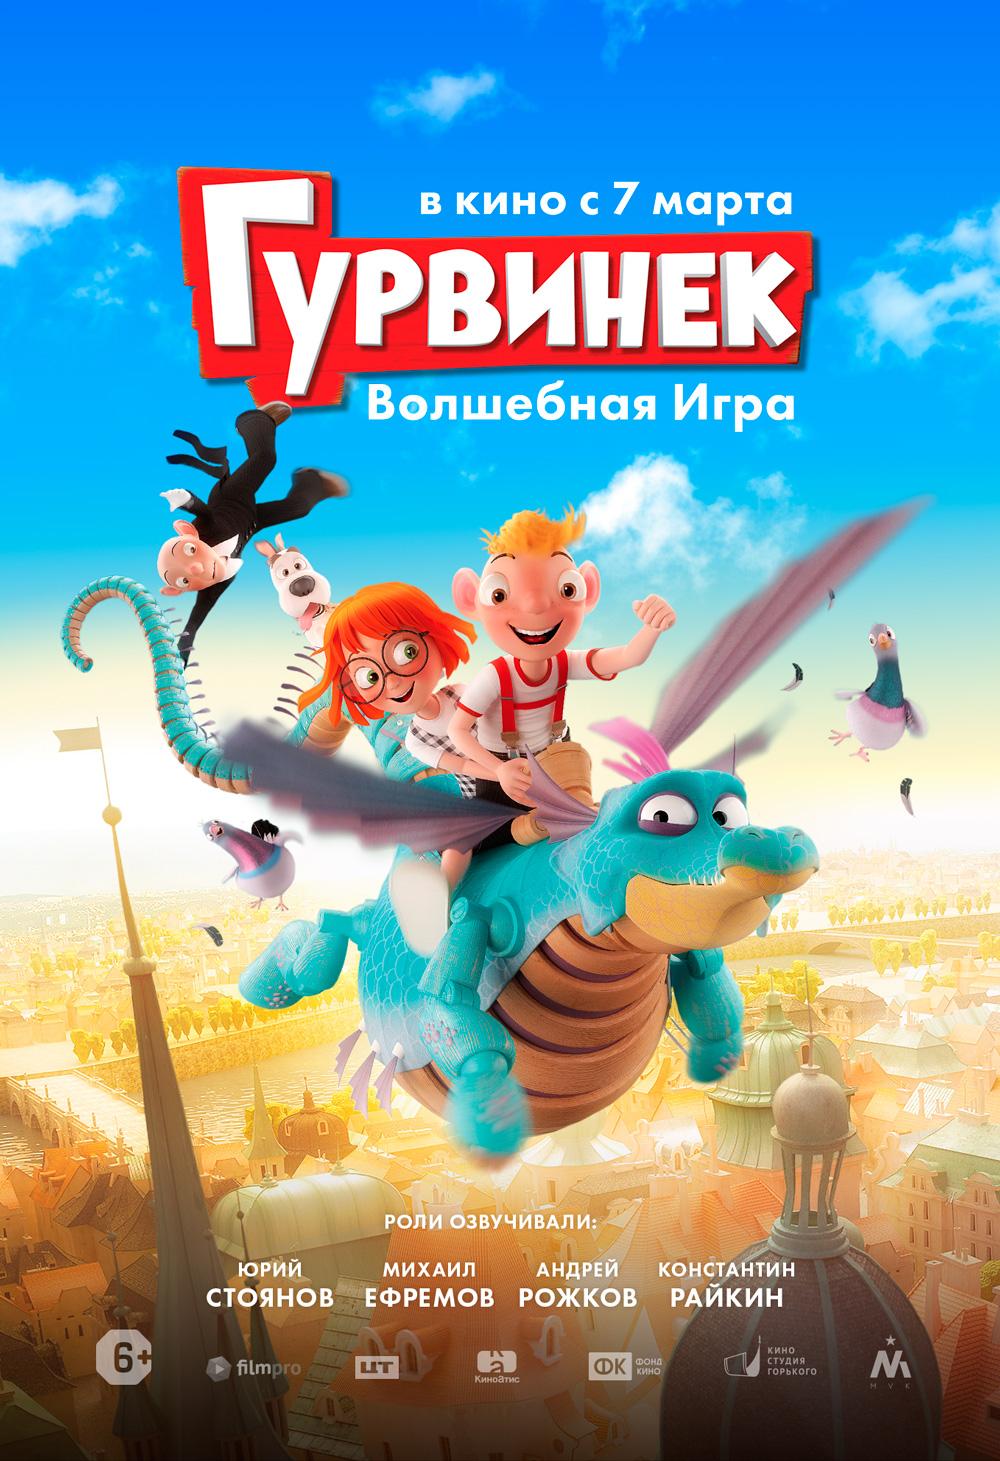 Гурвинек. Волшебная игра (2018)